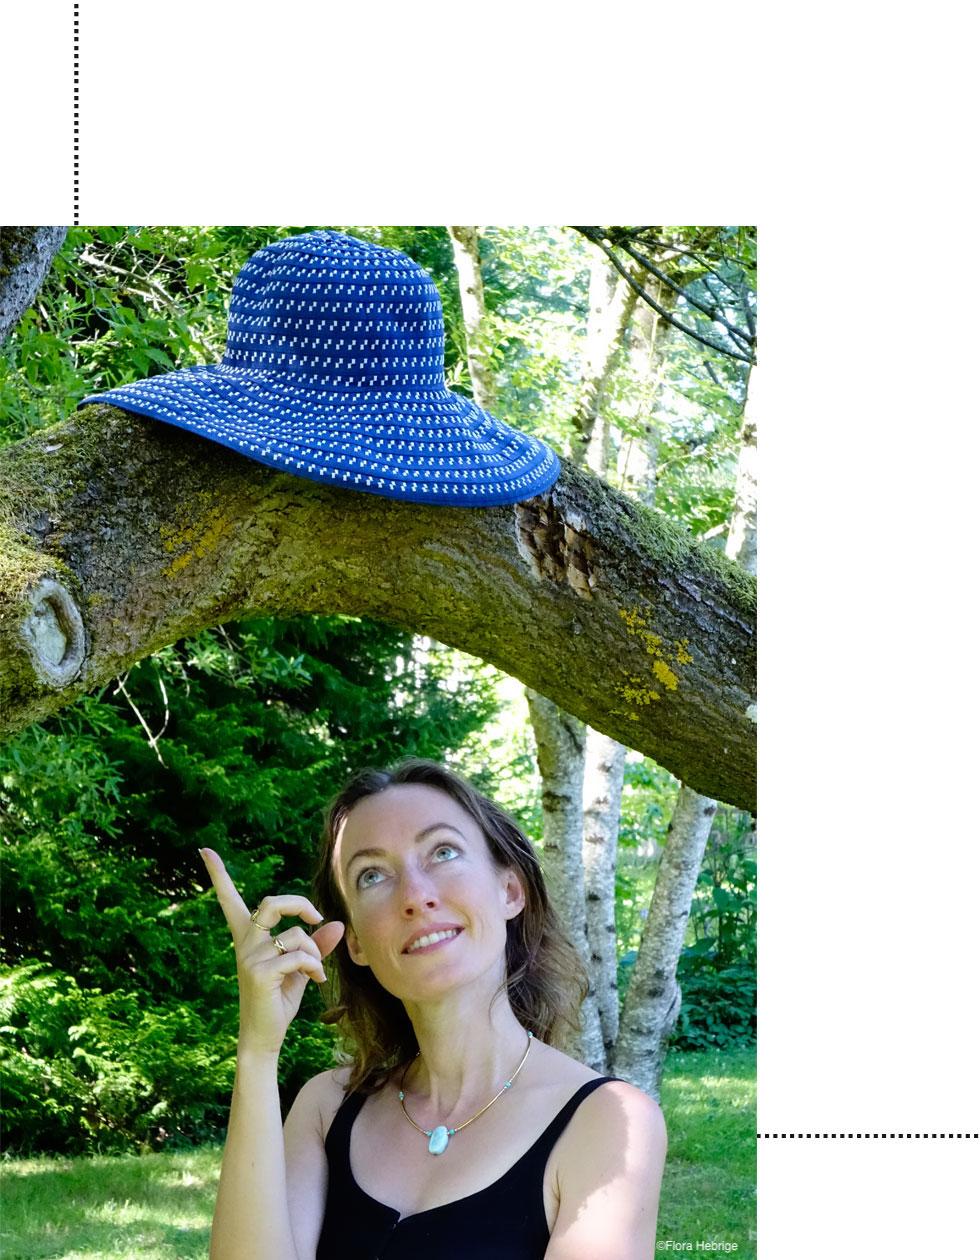 ecolo thérapie - photo Flora Hébrige #lesaudacieux